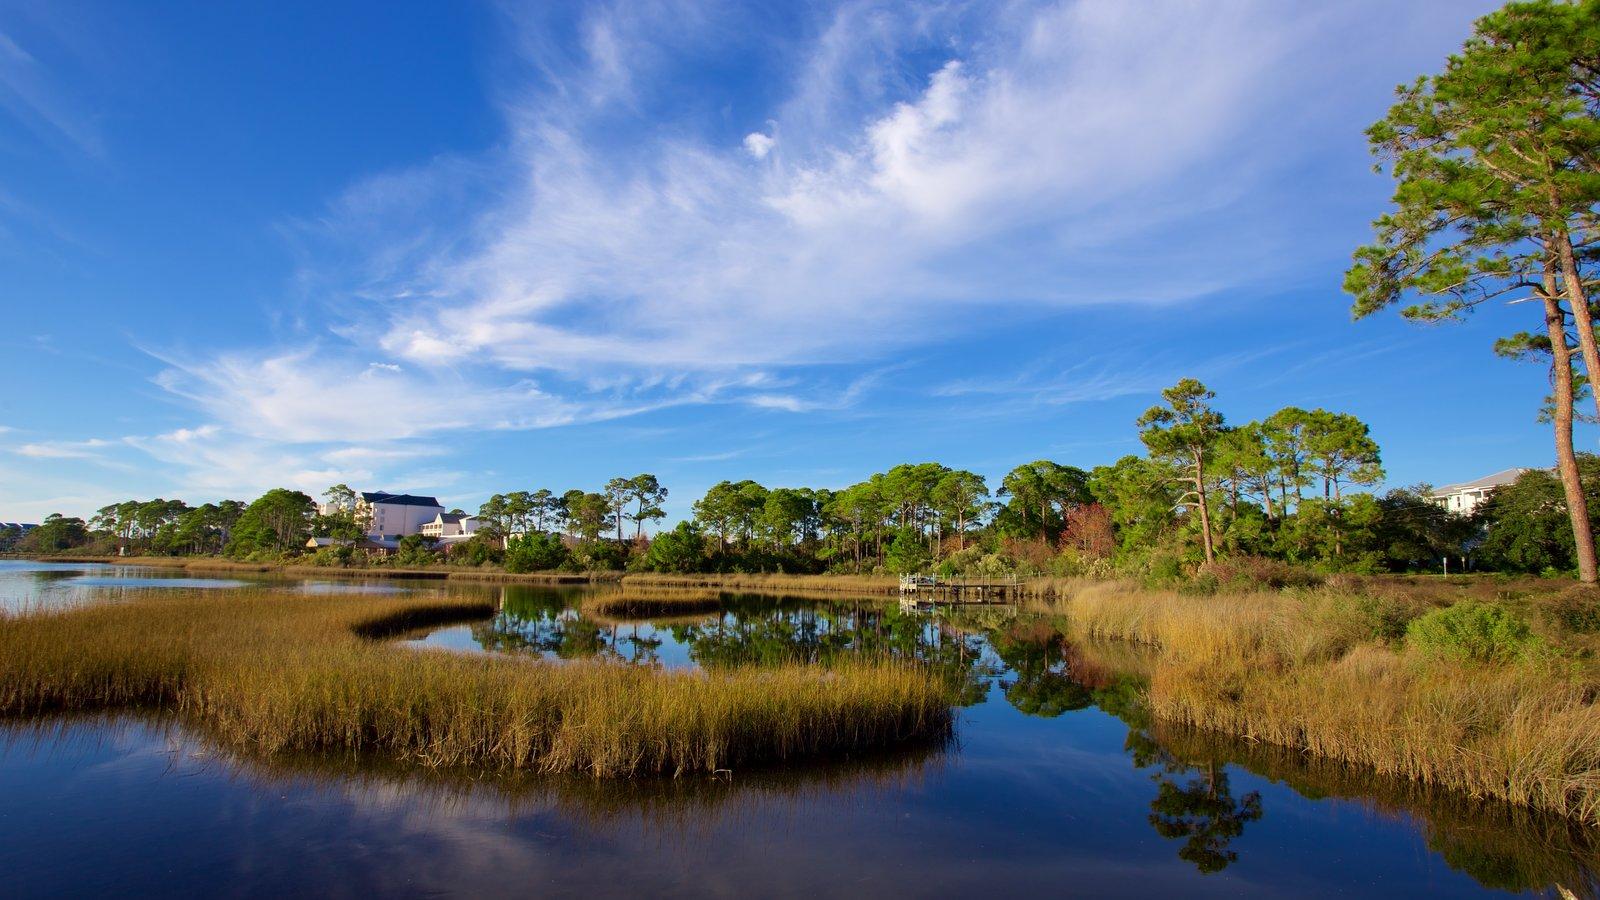 Upper Grand Lagoon que inclui um lago ou charco e cenas tranquilas